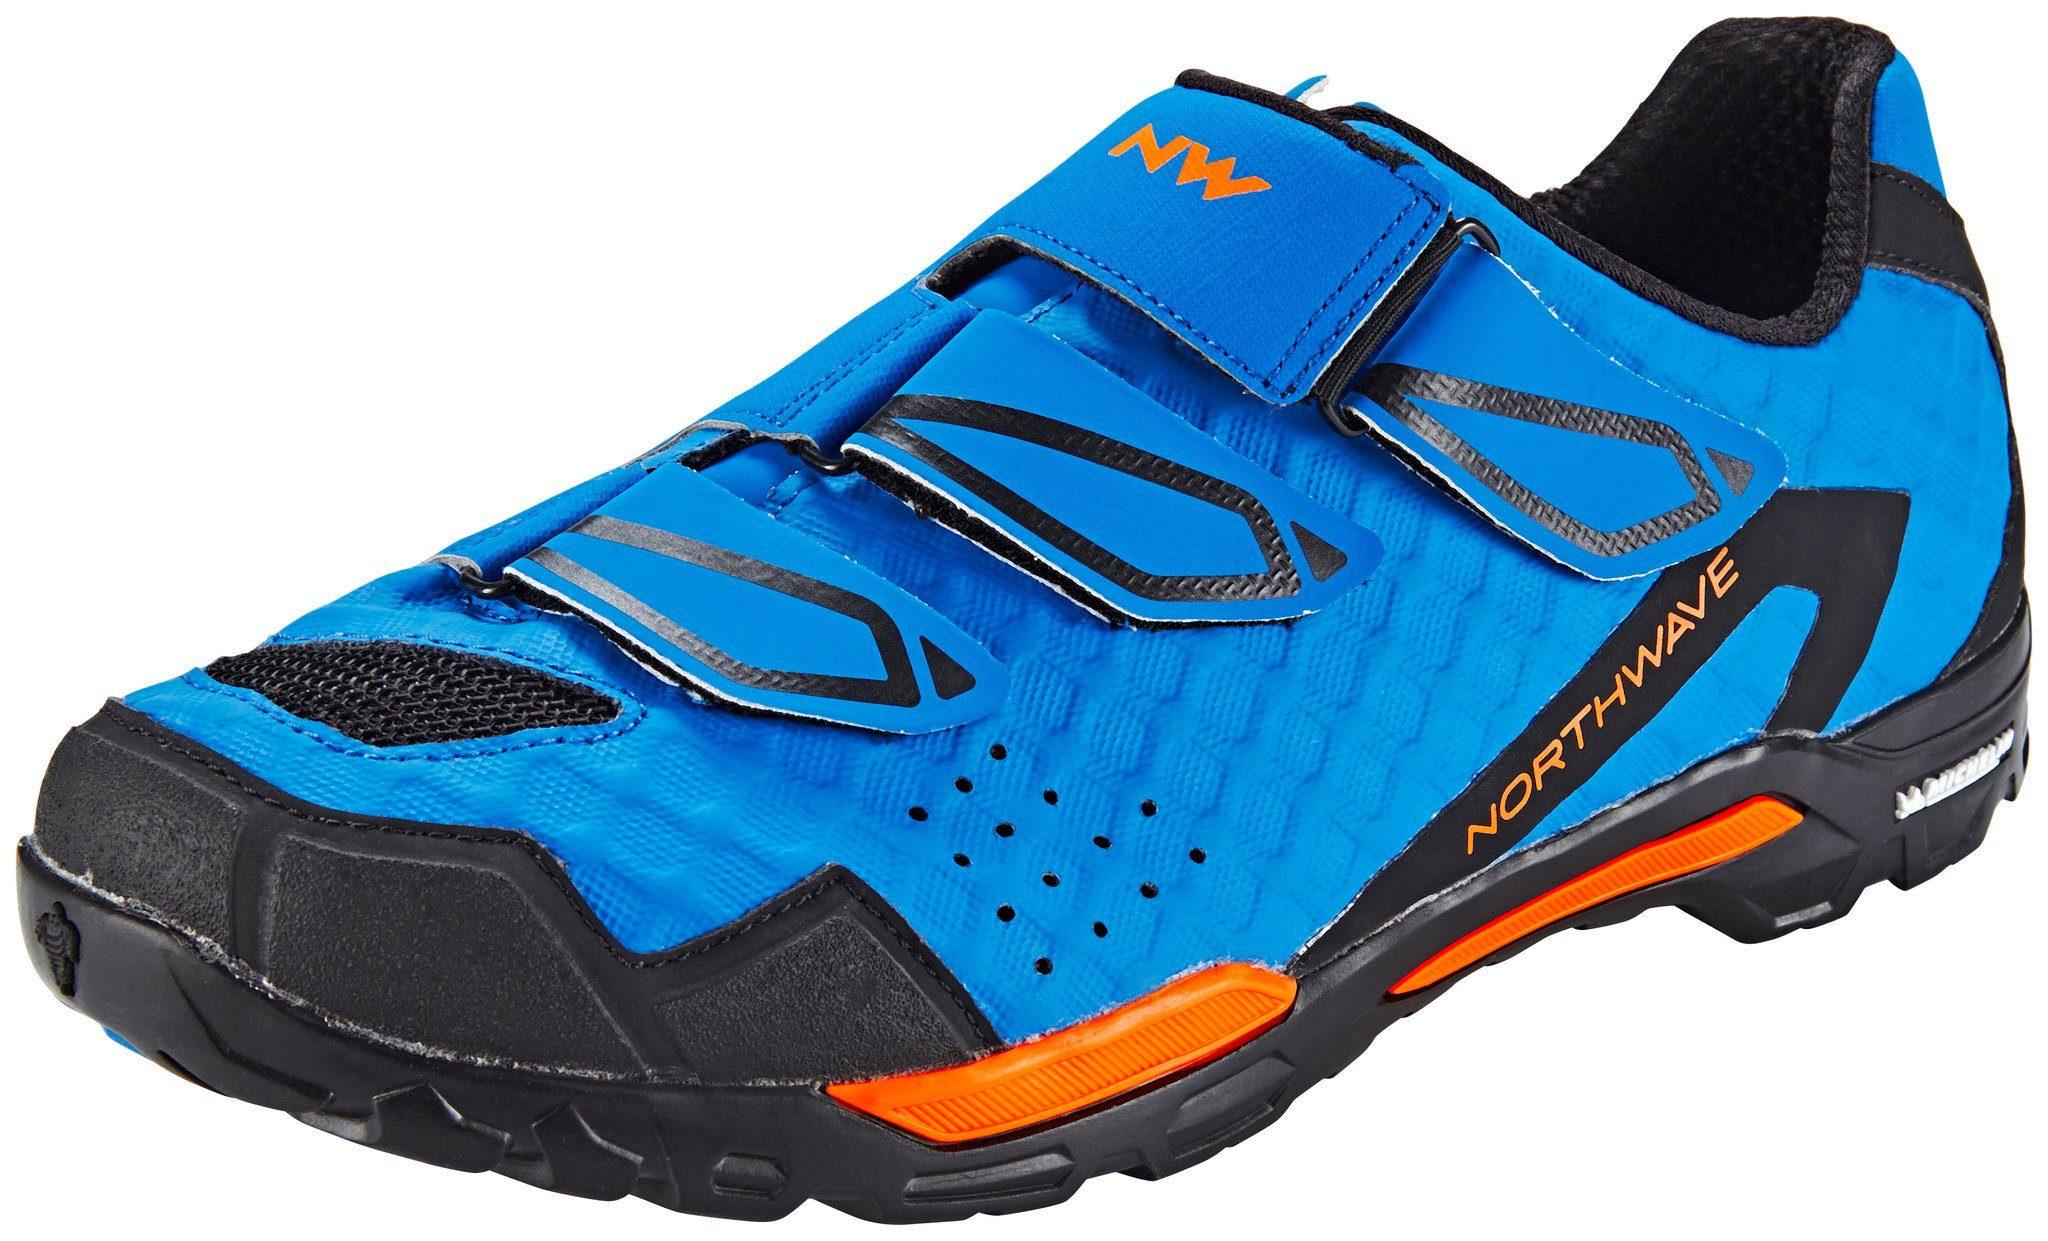 Northwave Fahrradschuhe Outcross 3V Shoes Men  blau